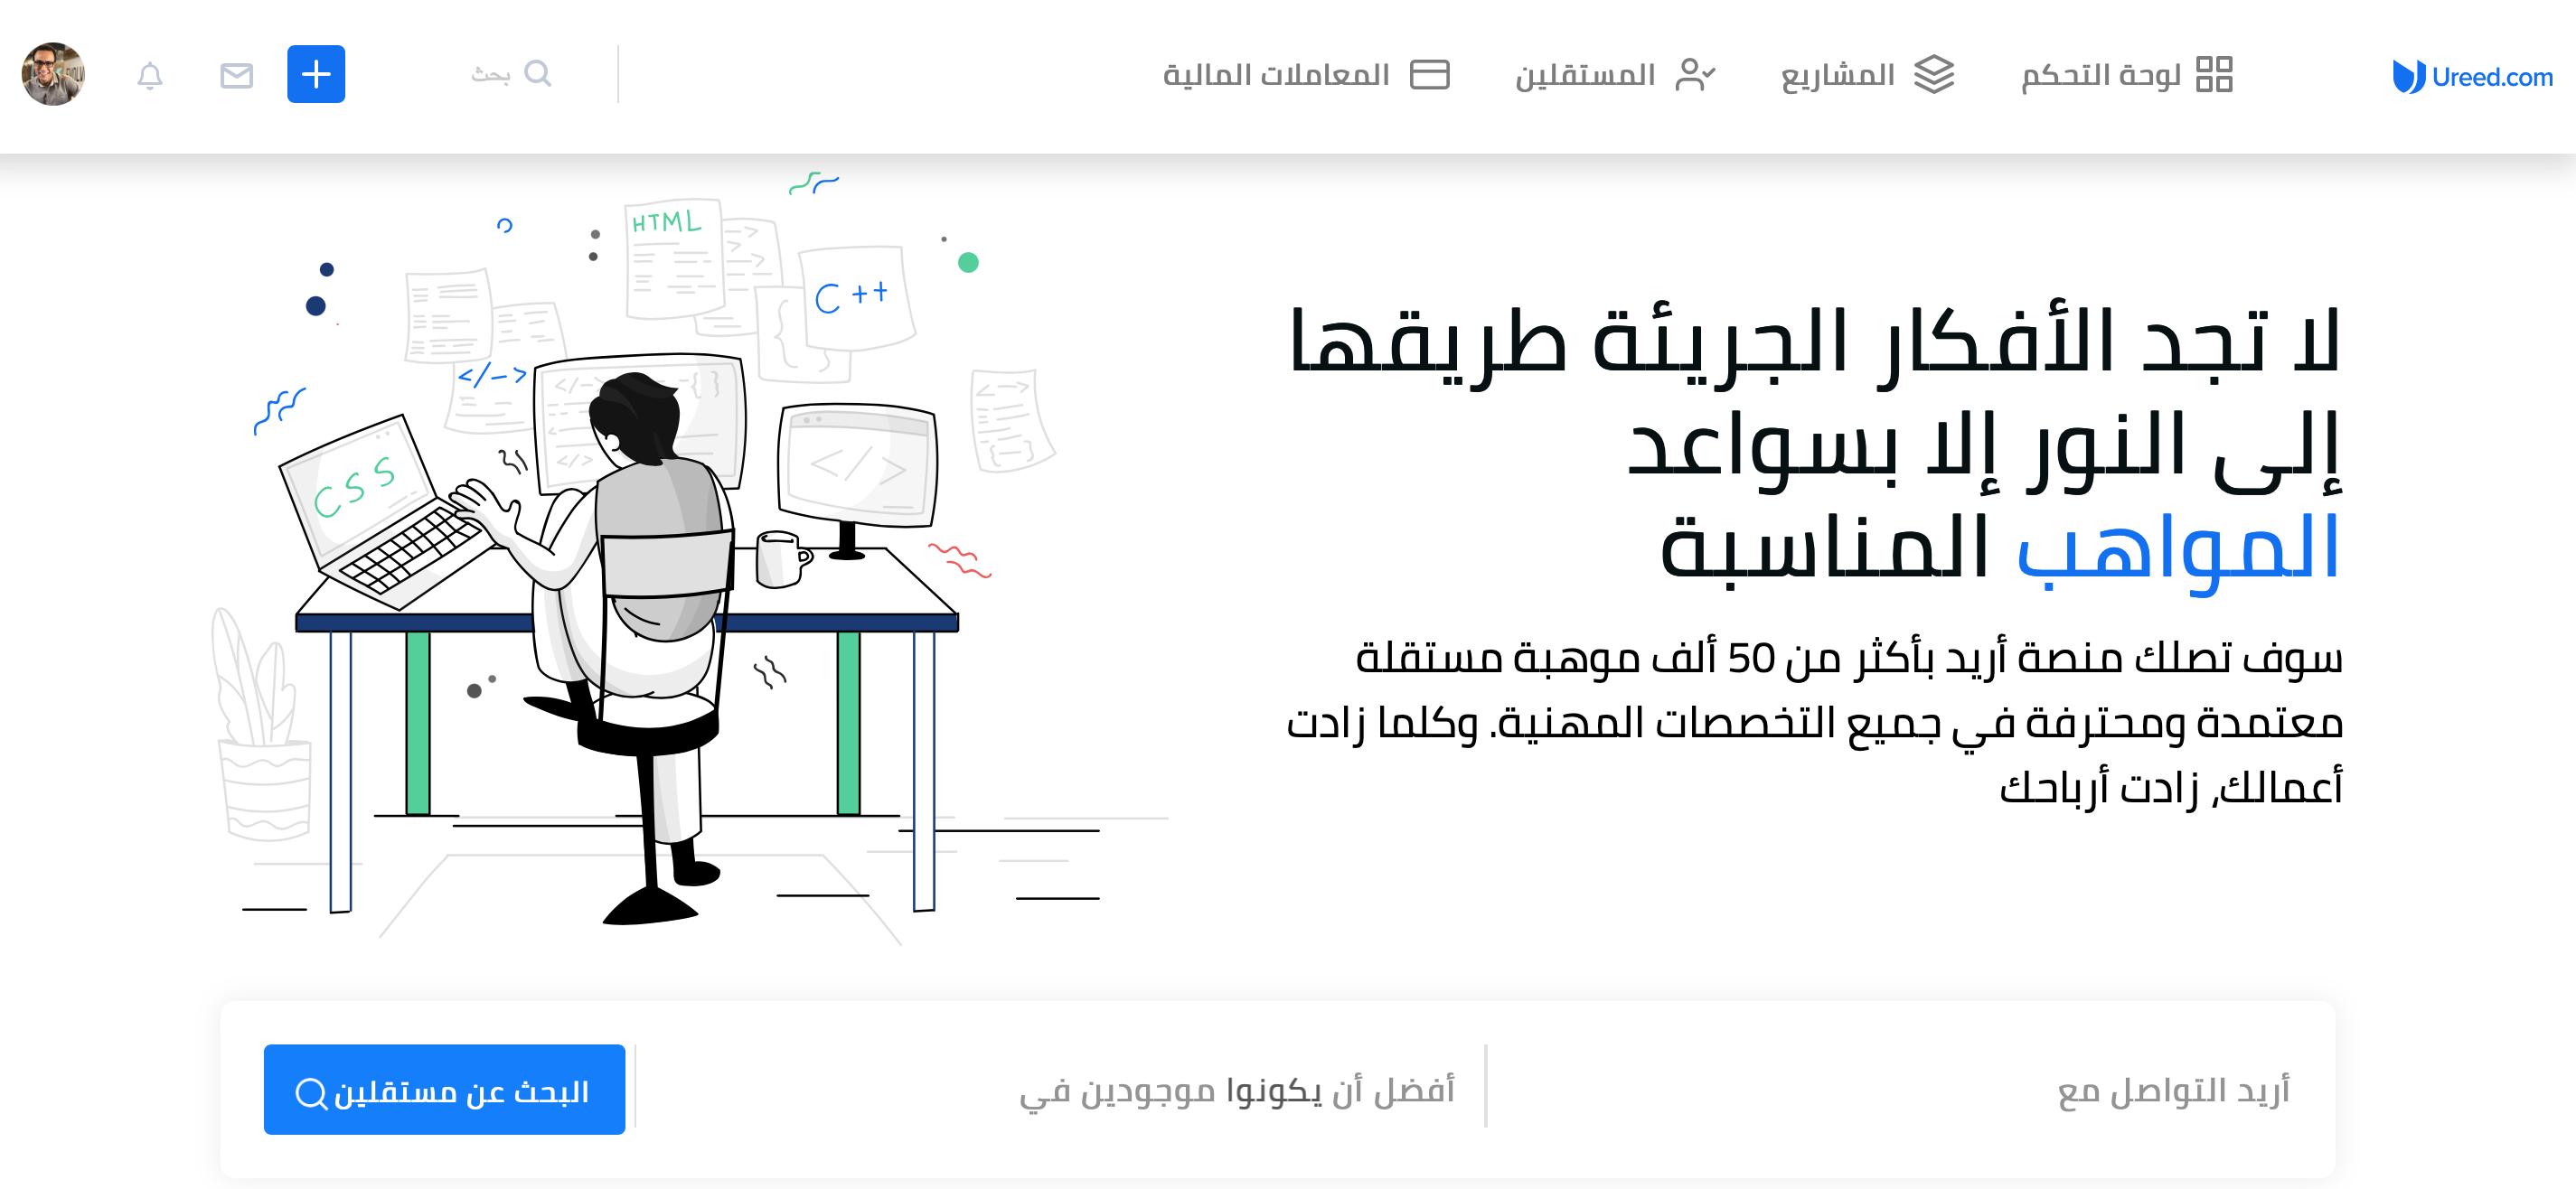 منصّة أريد Ureed العربية